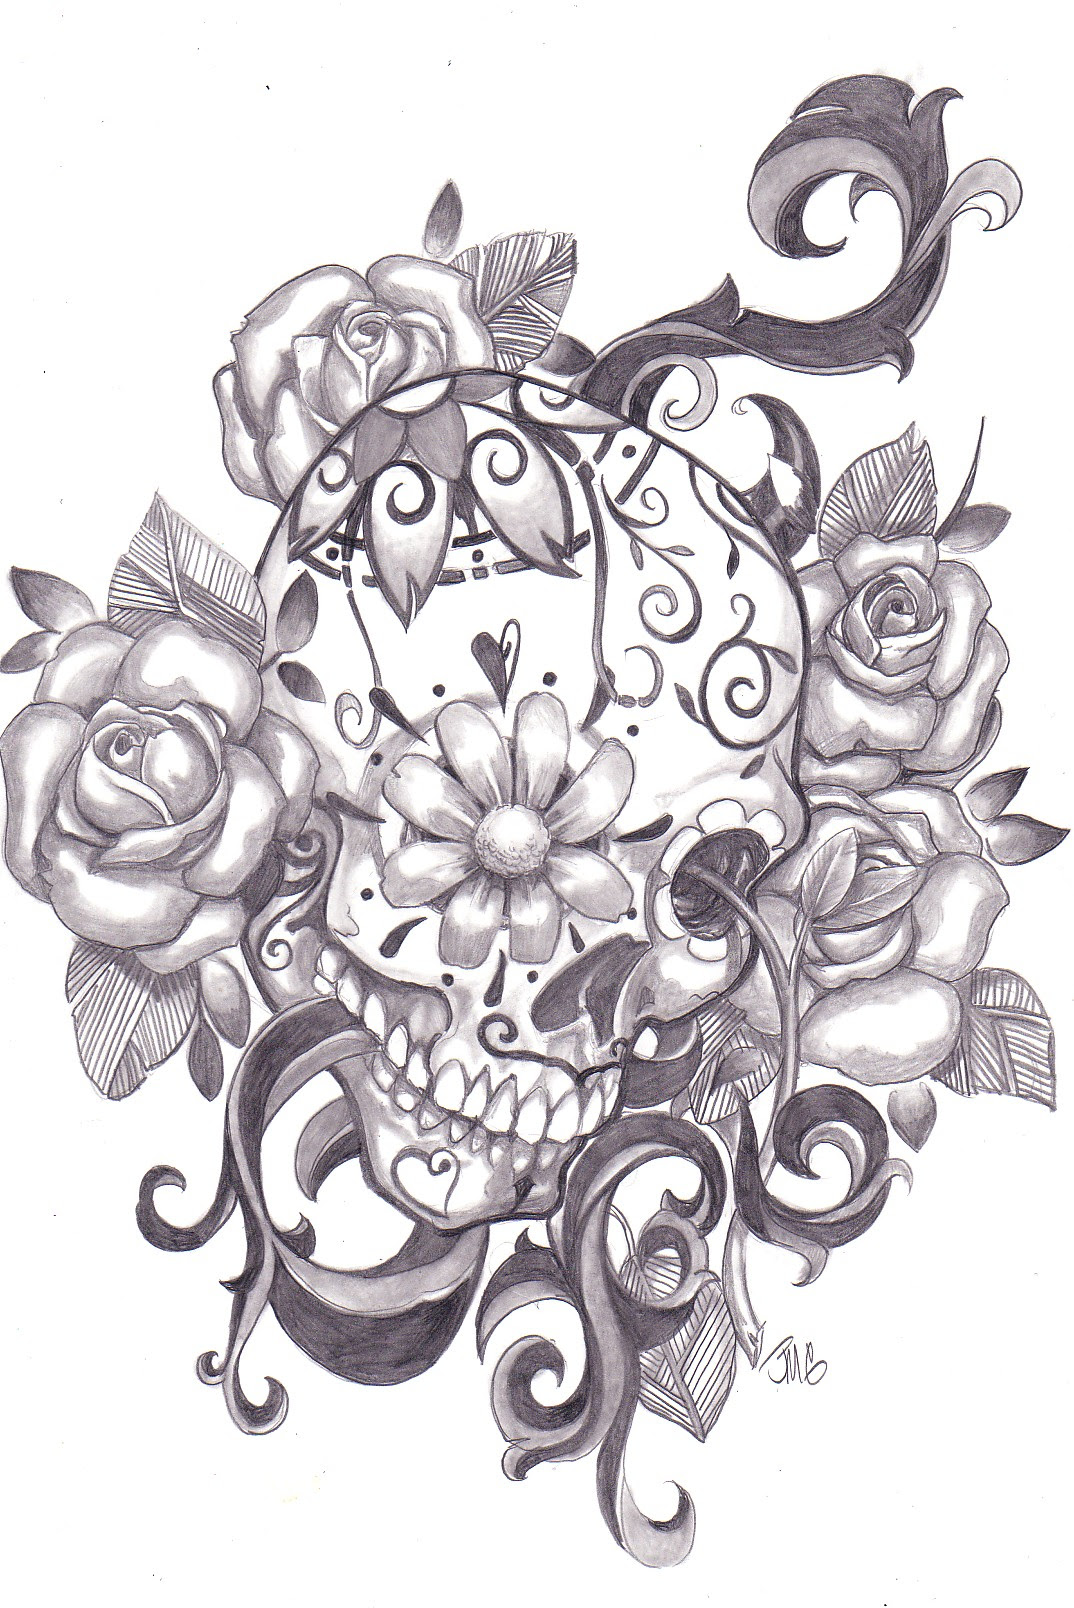 Sugar Skull Designs Inspiration From Mexican Folk Art Pixel77